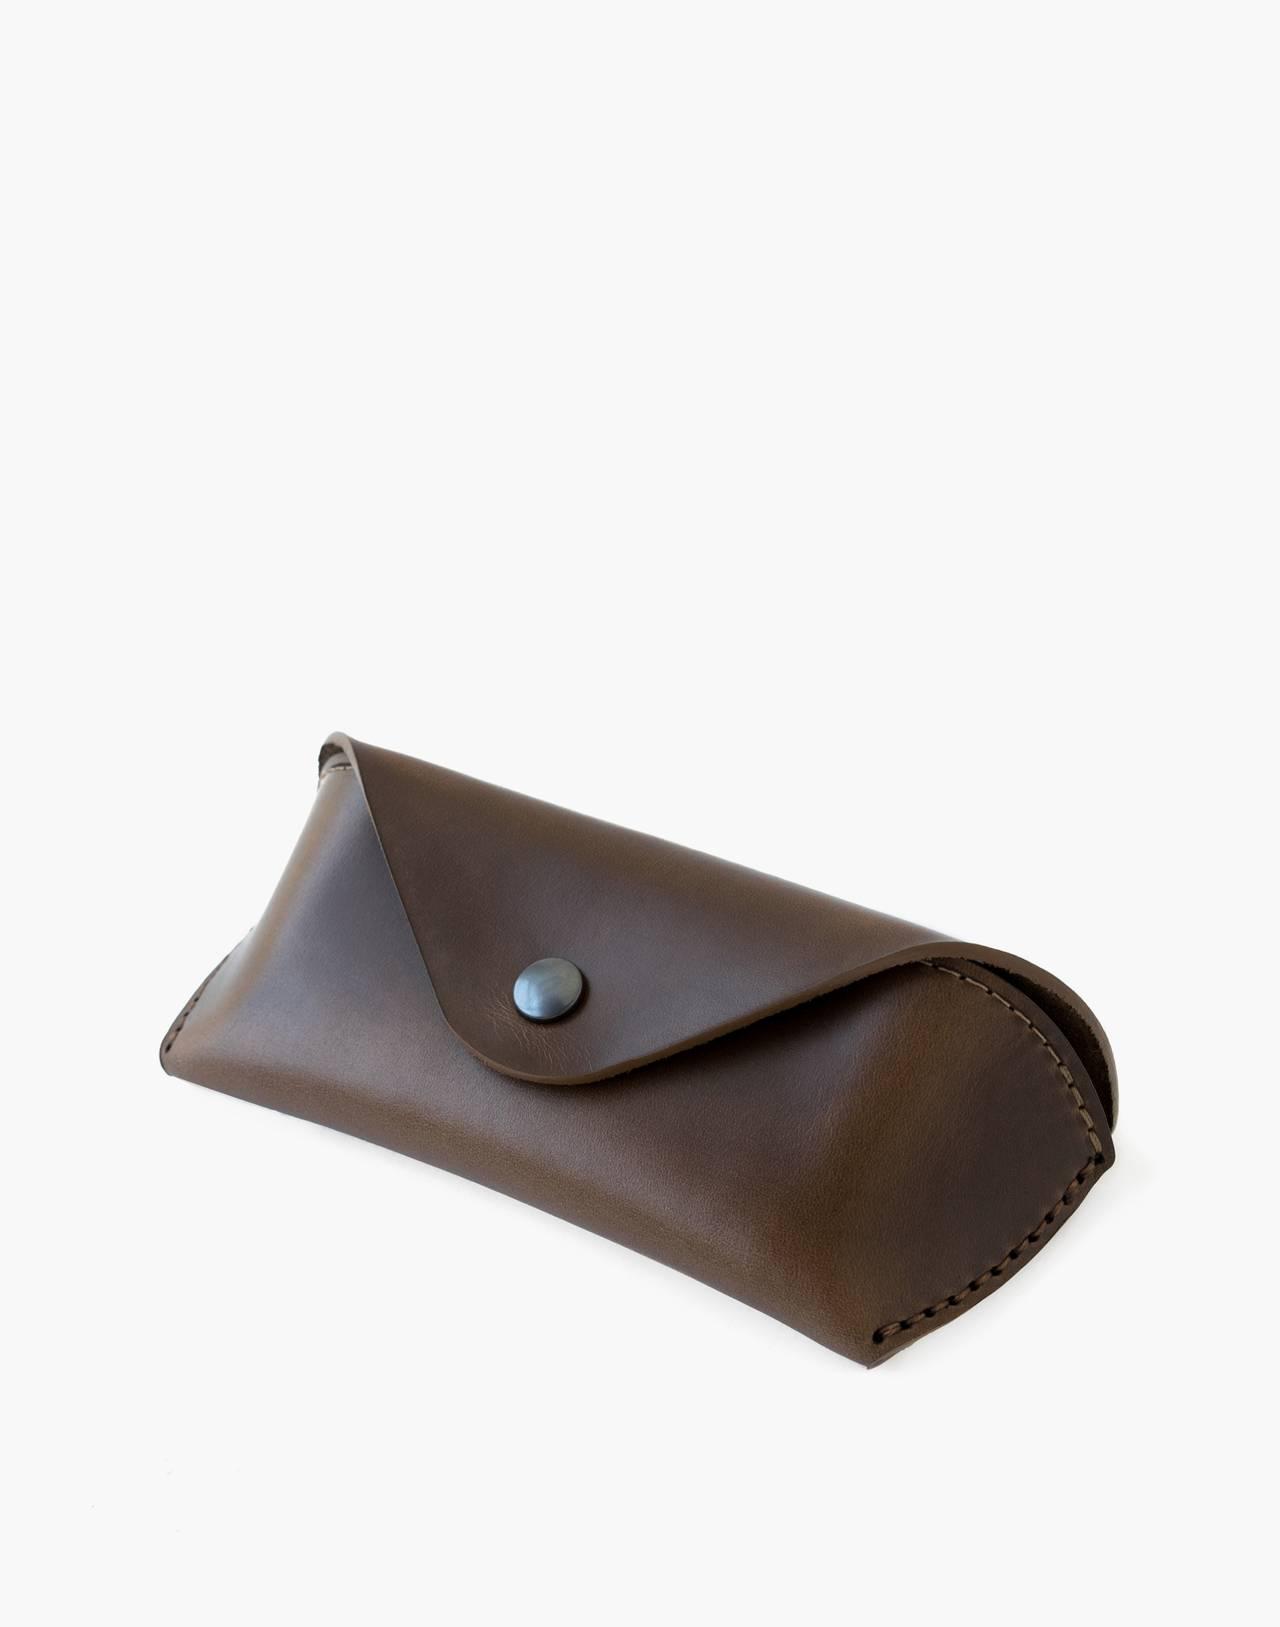 MAKR Leather Eyewear Sleeve in brown image 1